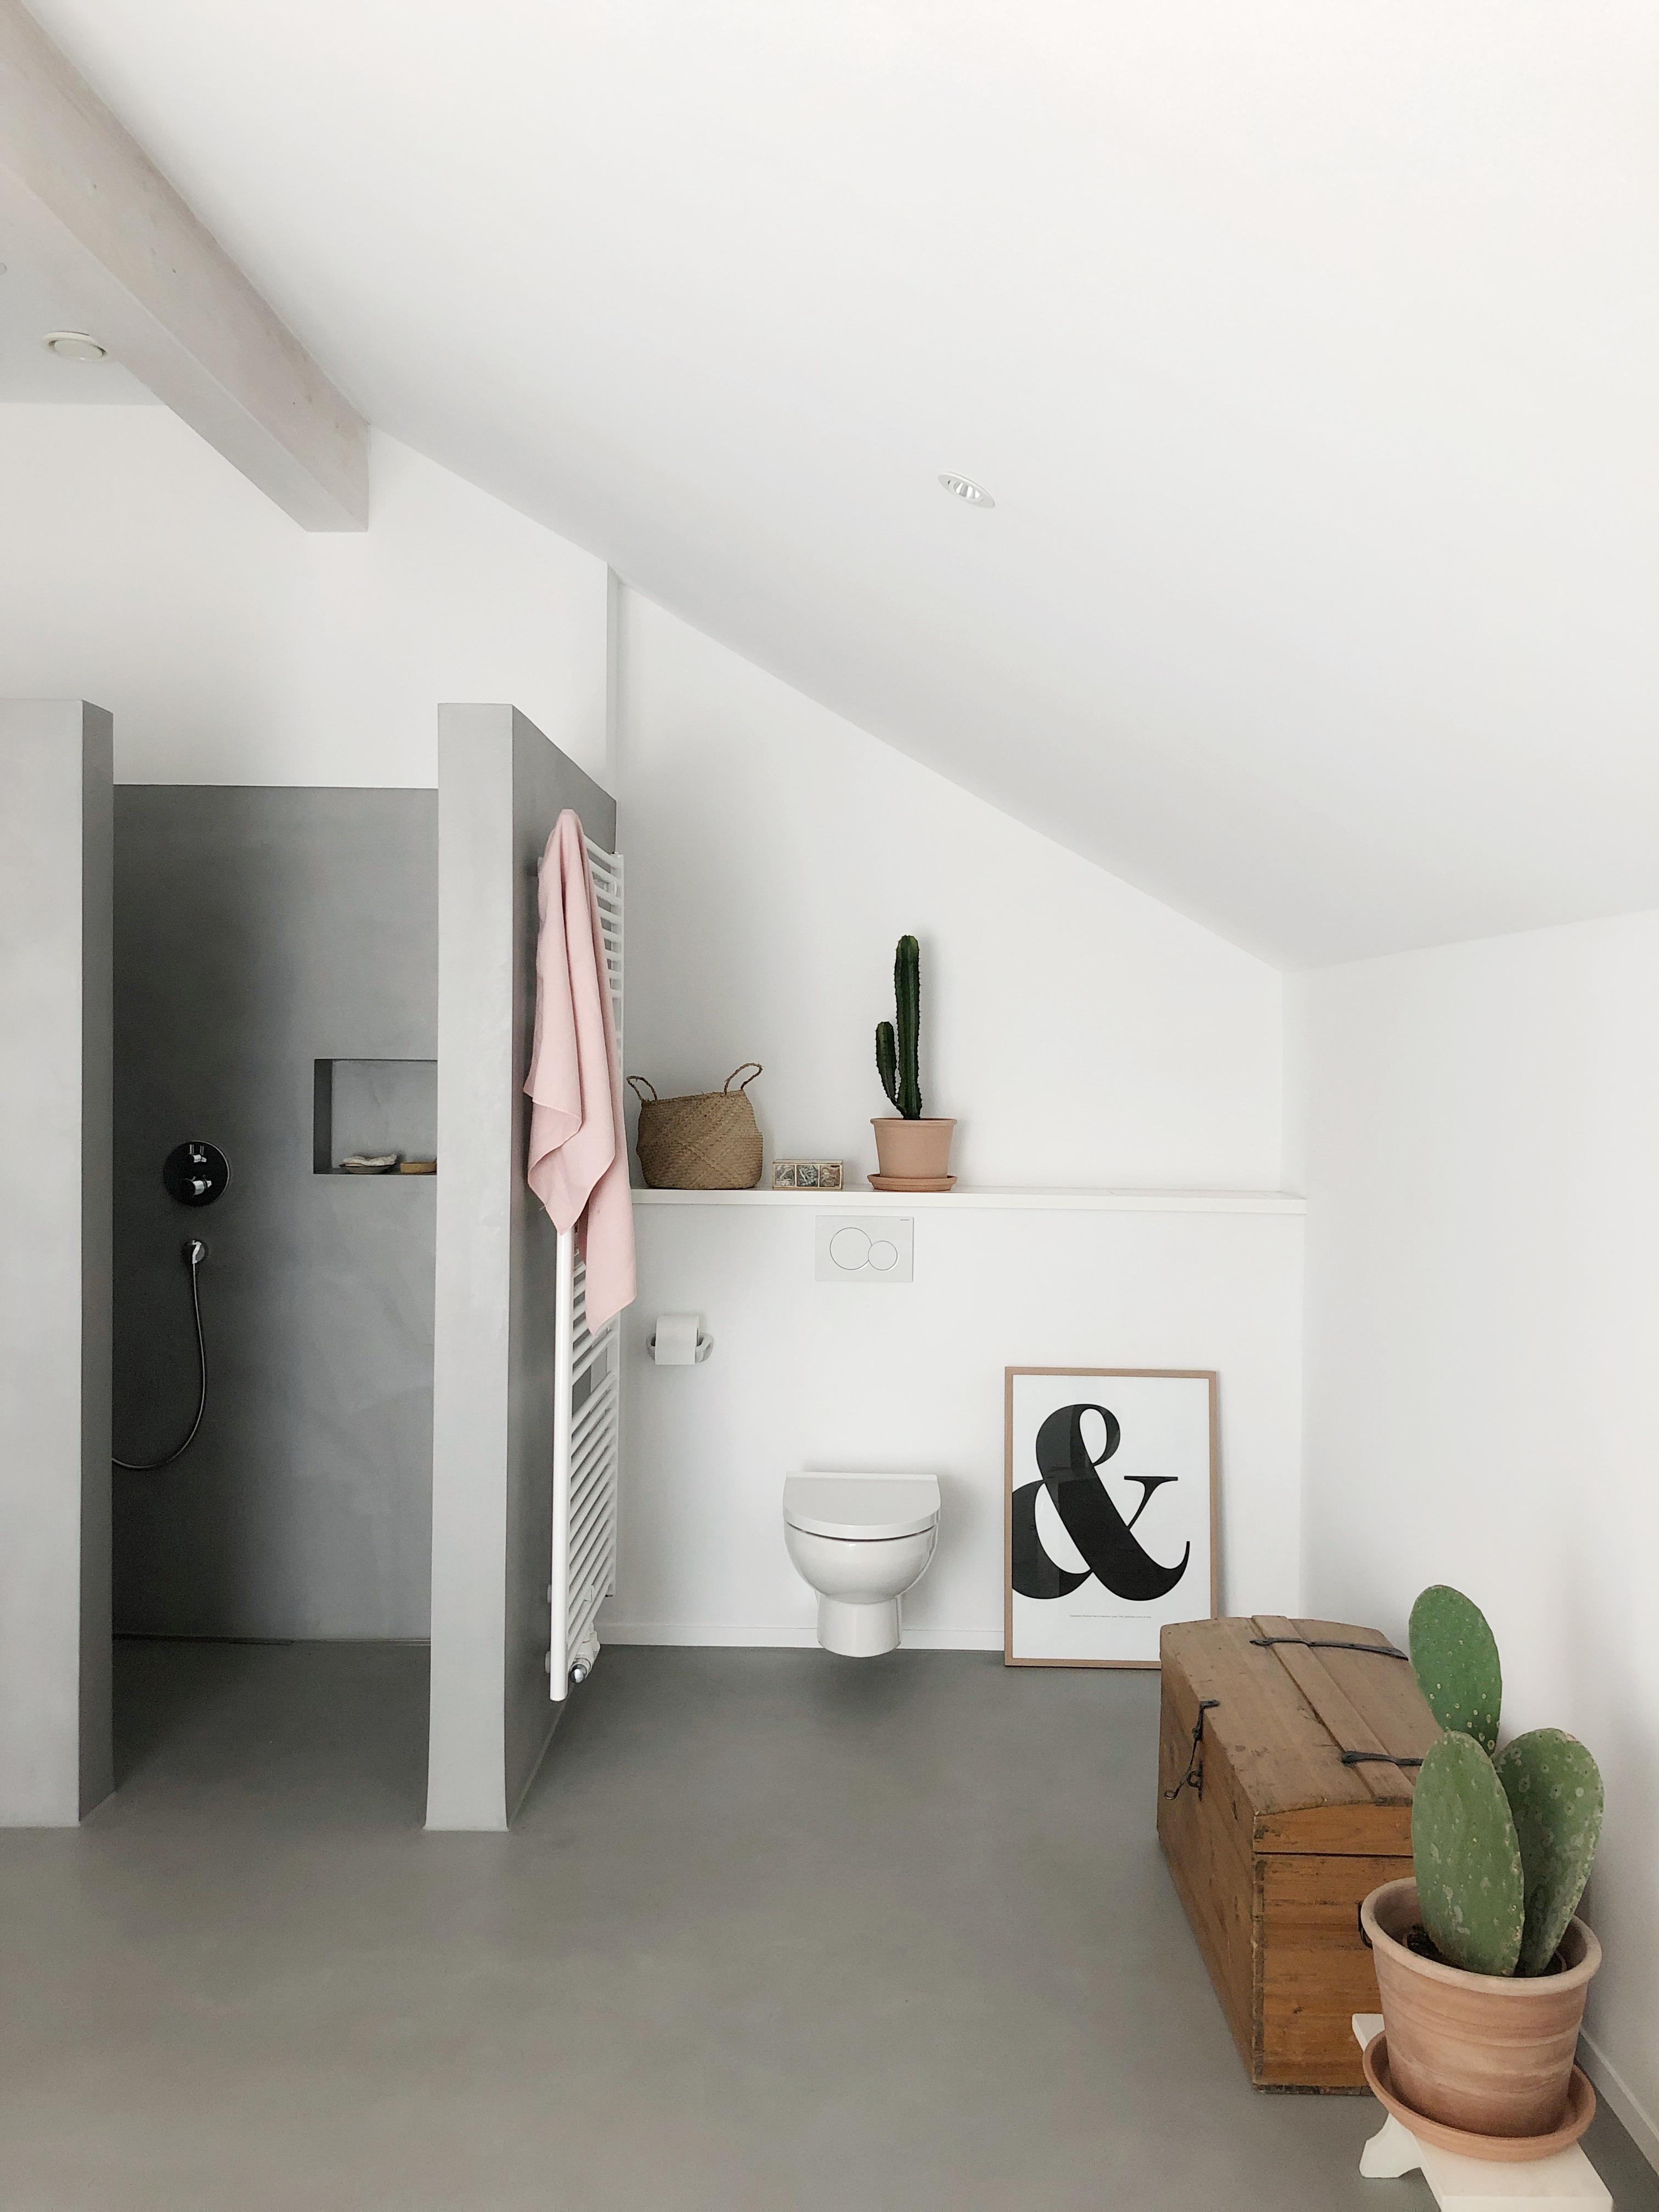 Mein Liebster Aufenthaltsort Bei Der Hitze: Die Dusche #dusche#badezimmer# Bad#